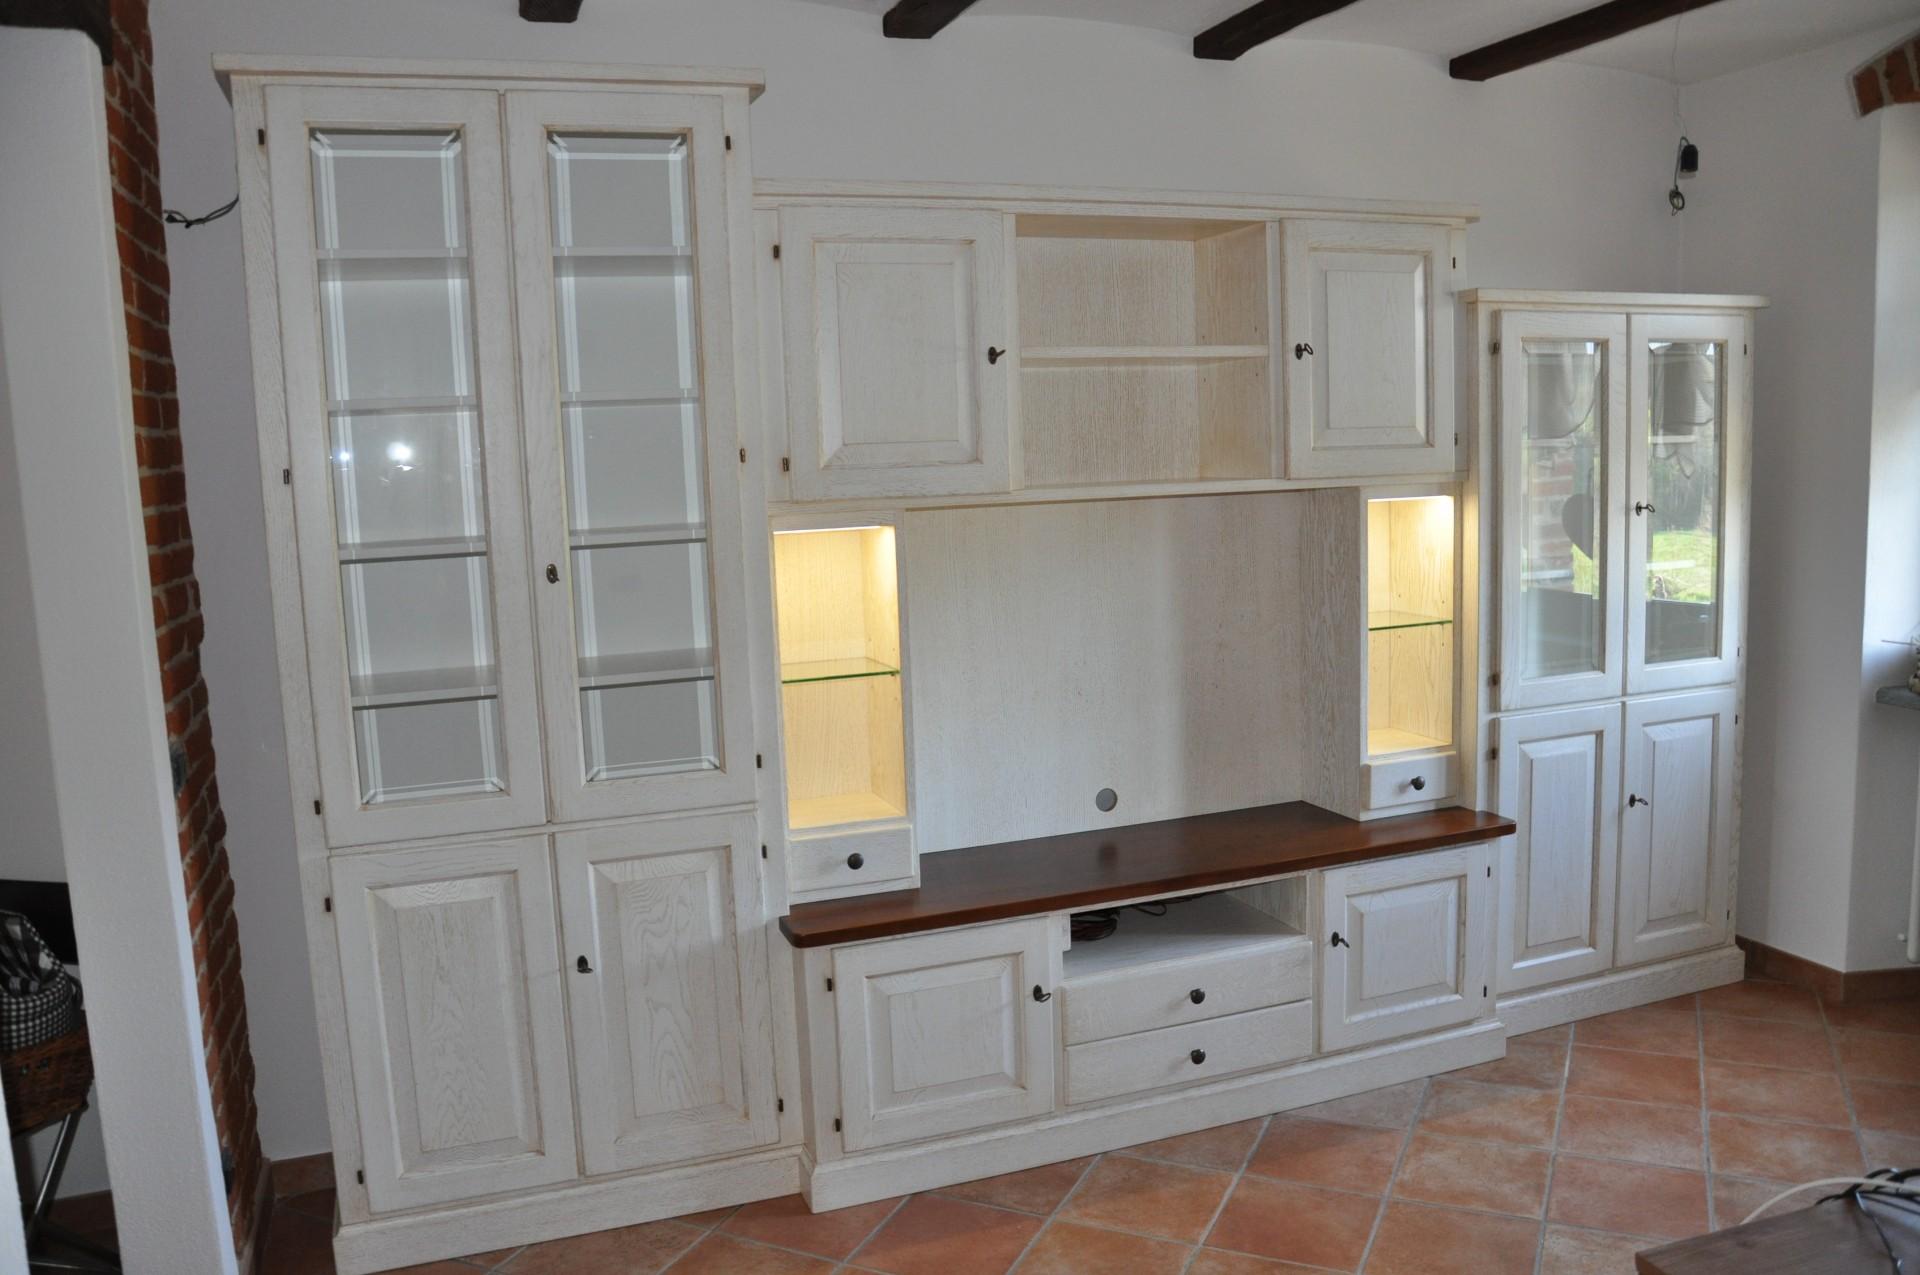 Tende moderne camera da letto - Cucine con lavatrice ...